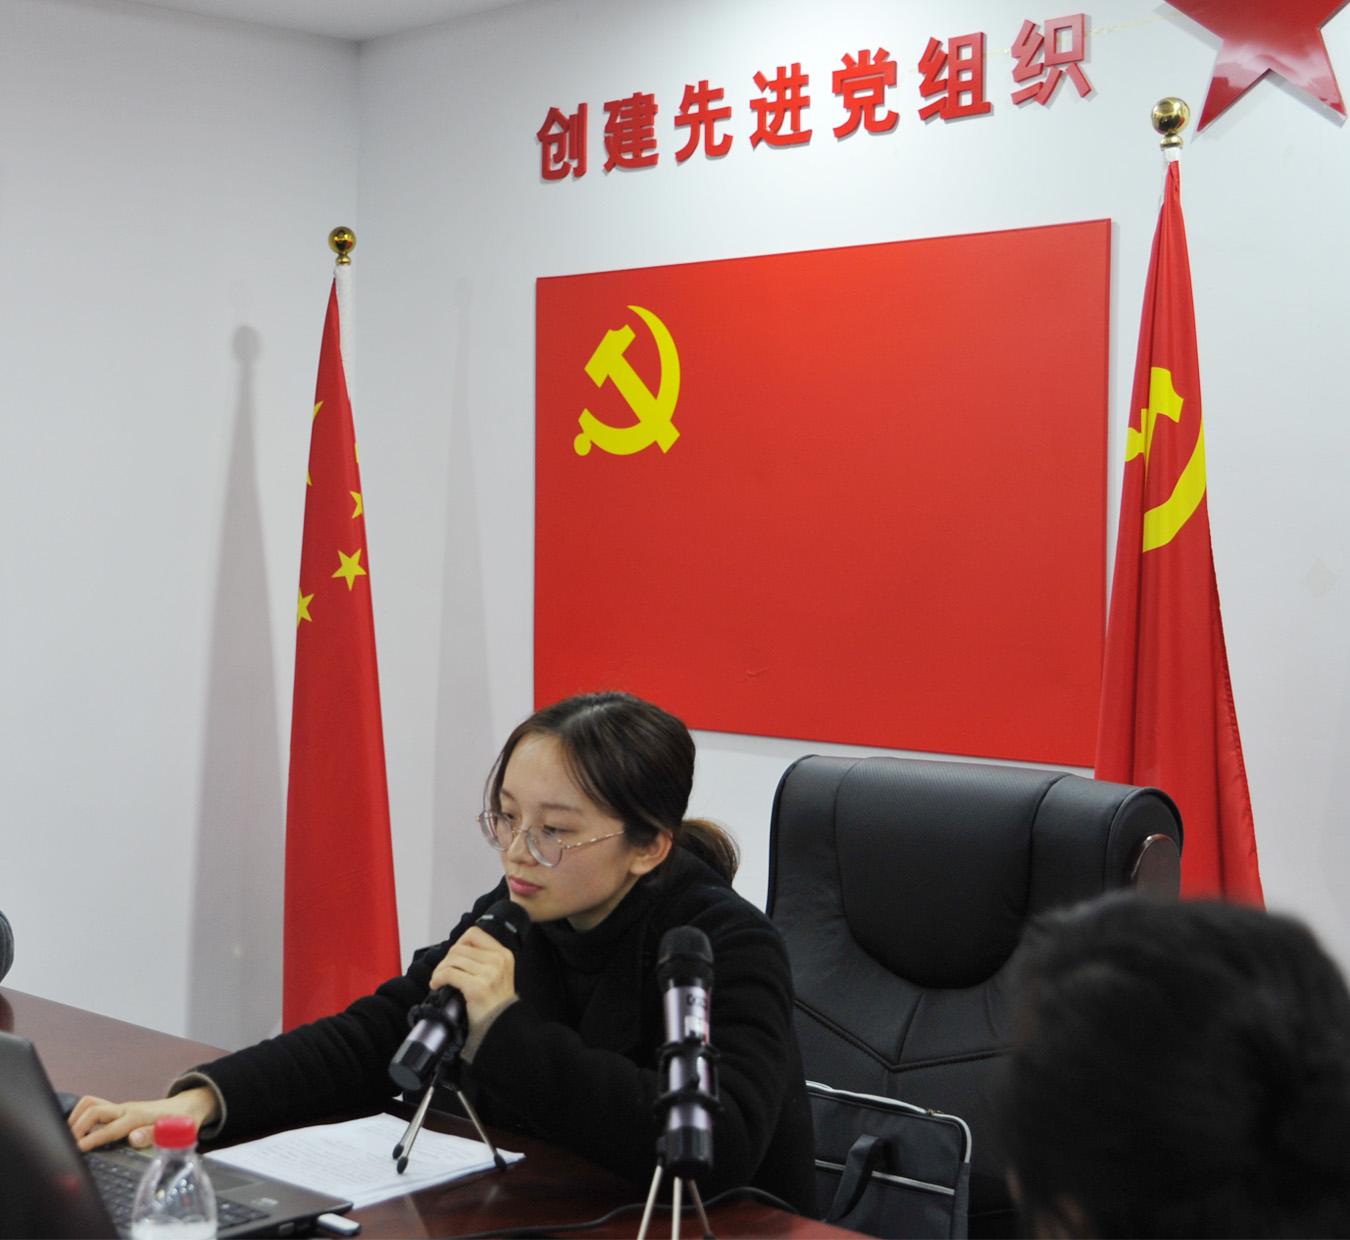 """""""严格组织生活,增强组织活力""""——博阳党支部利用党校资源提升组织生活质量"""